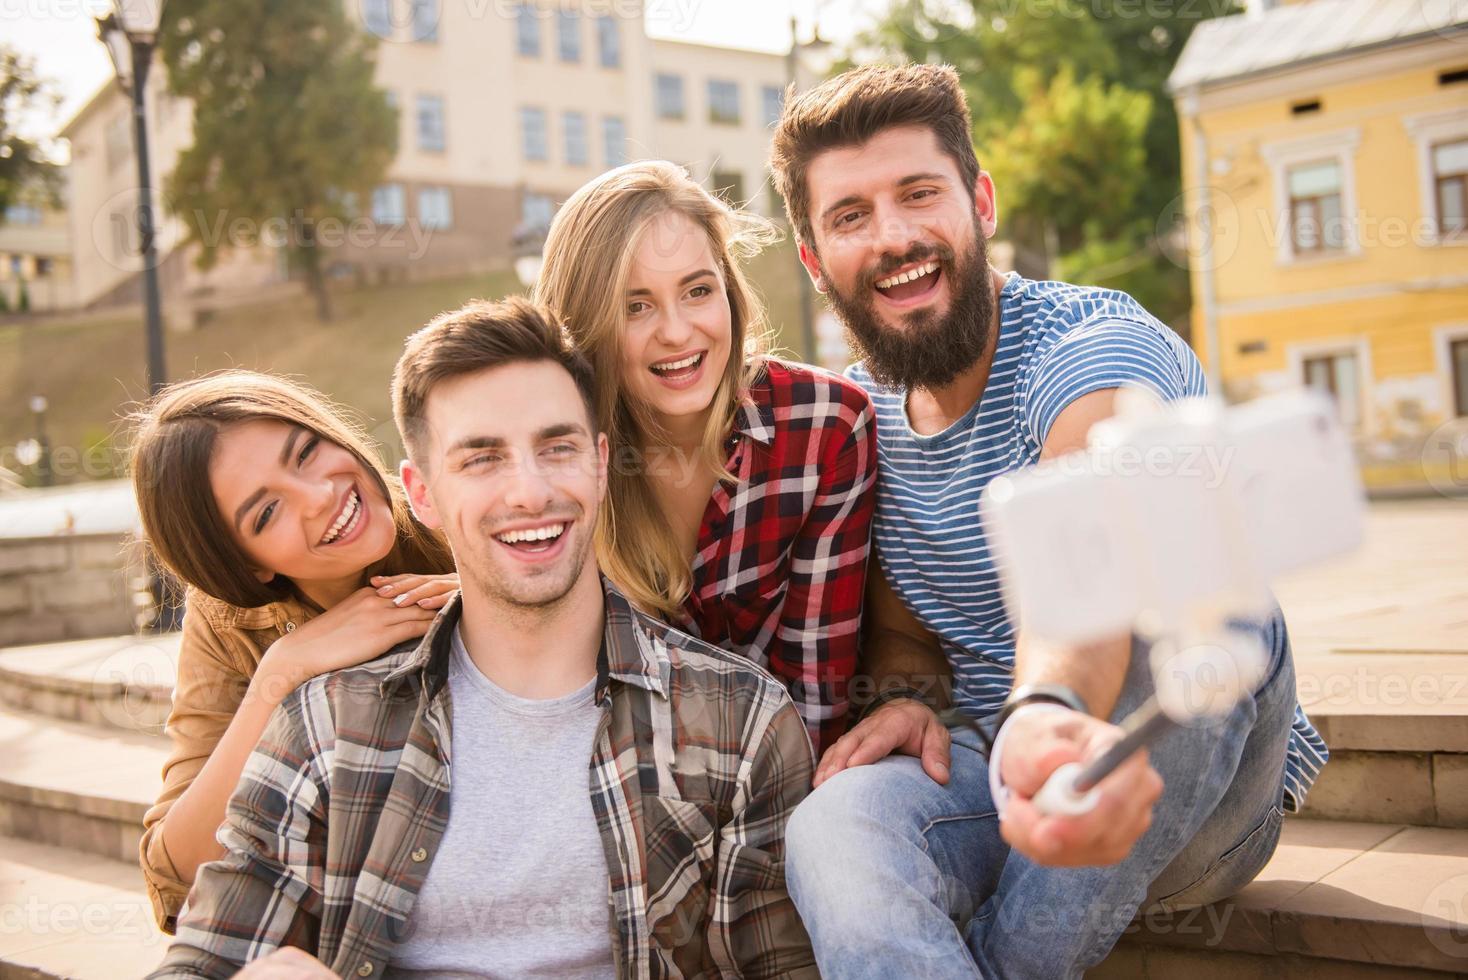 amigos al aire libre foto